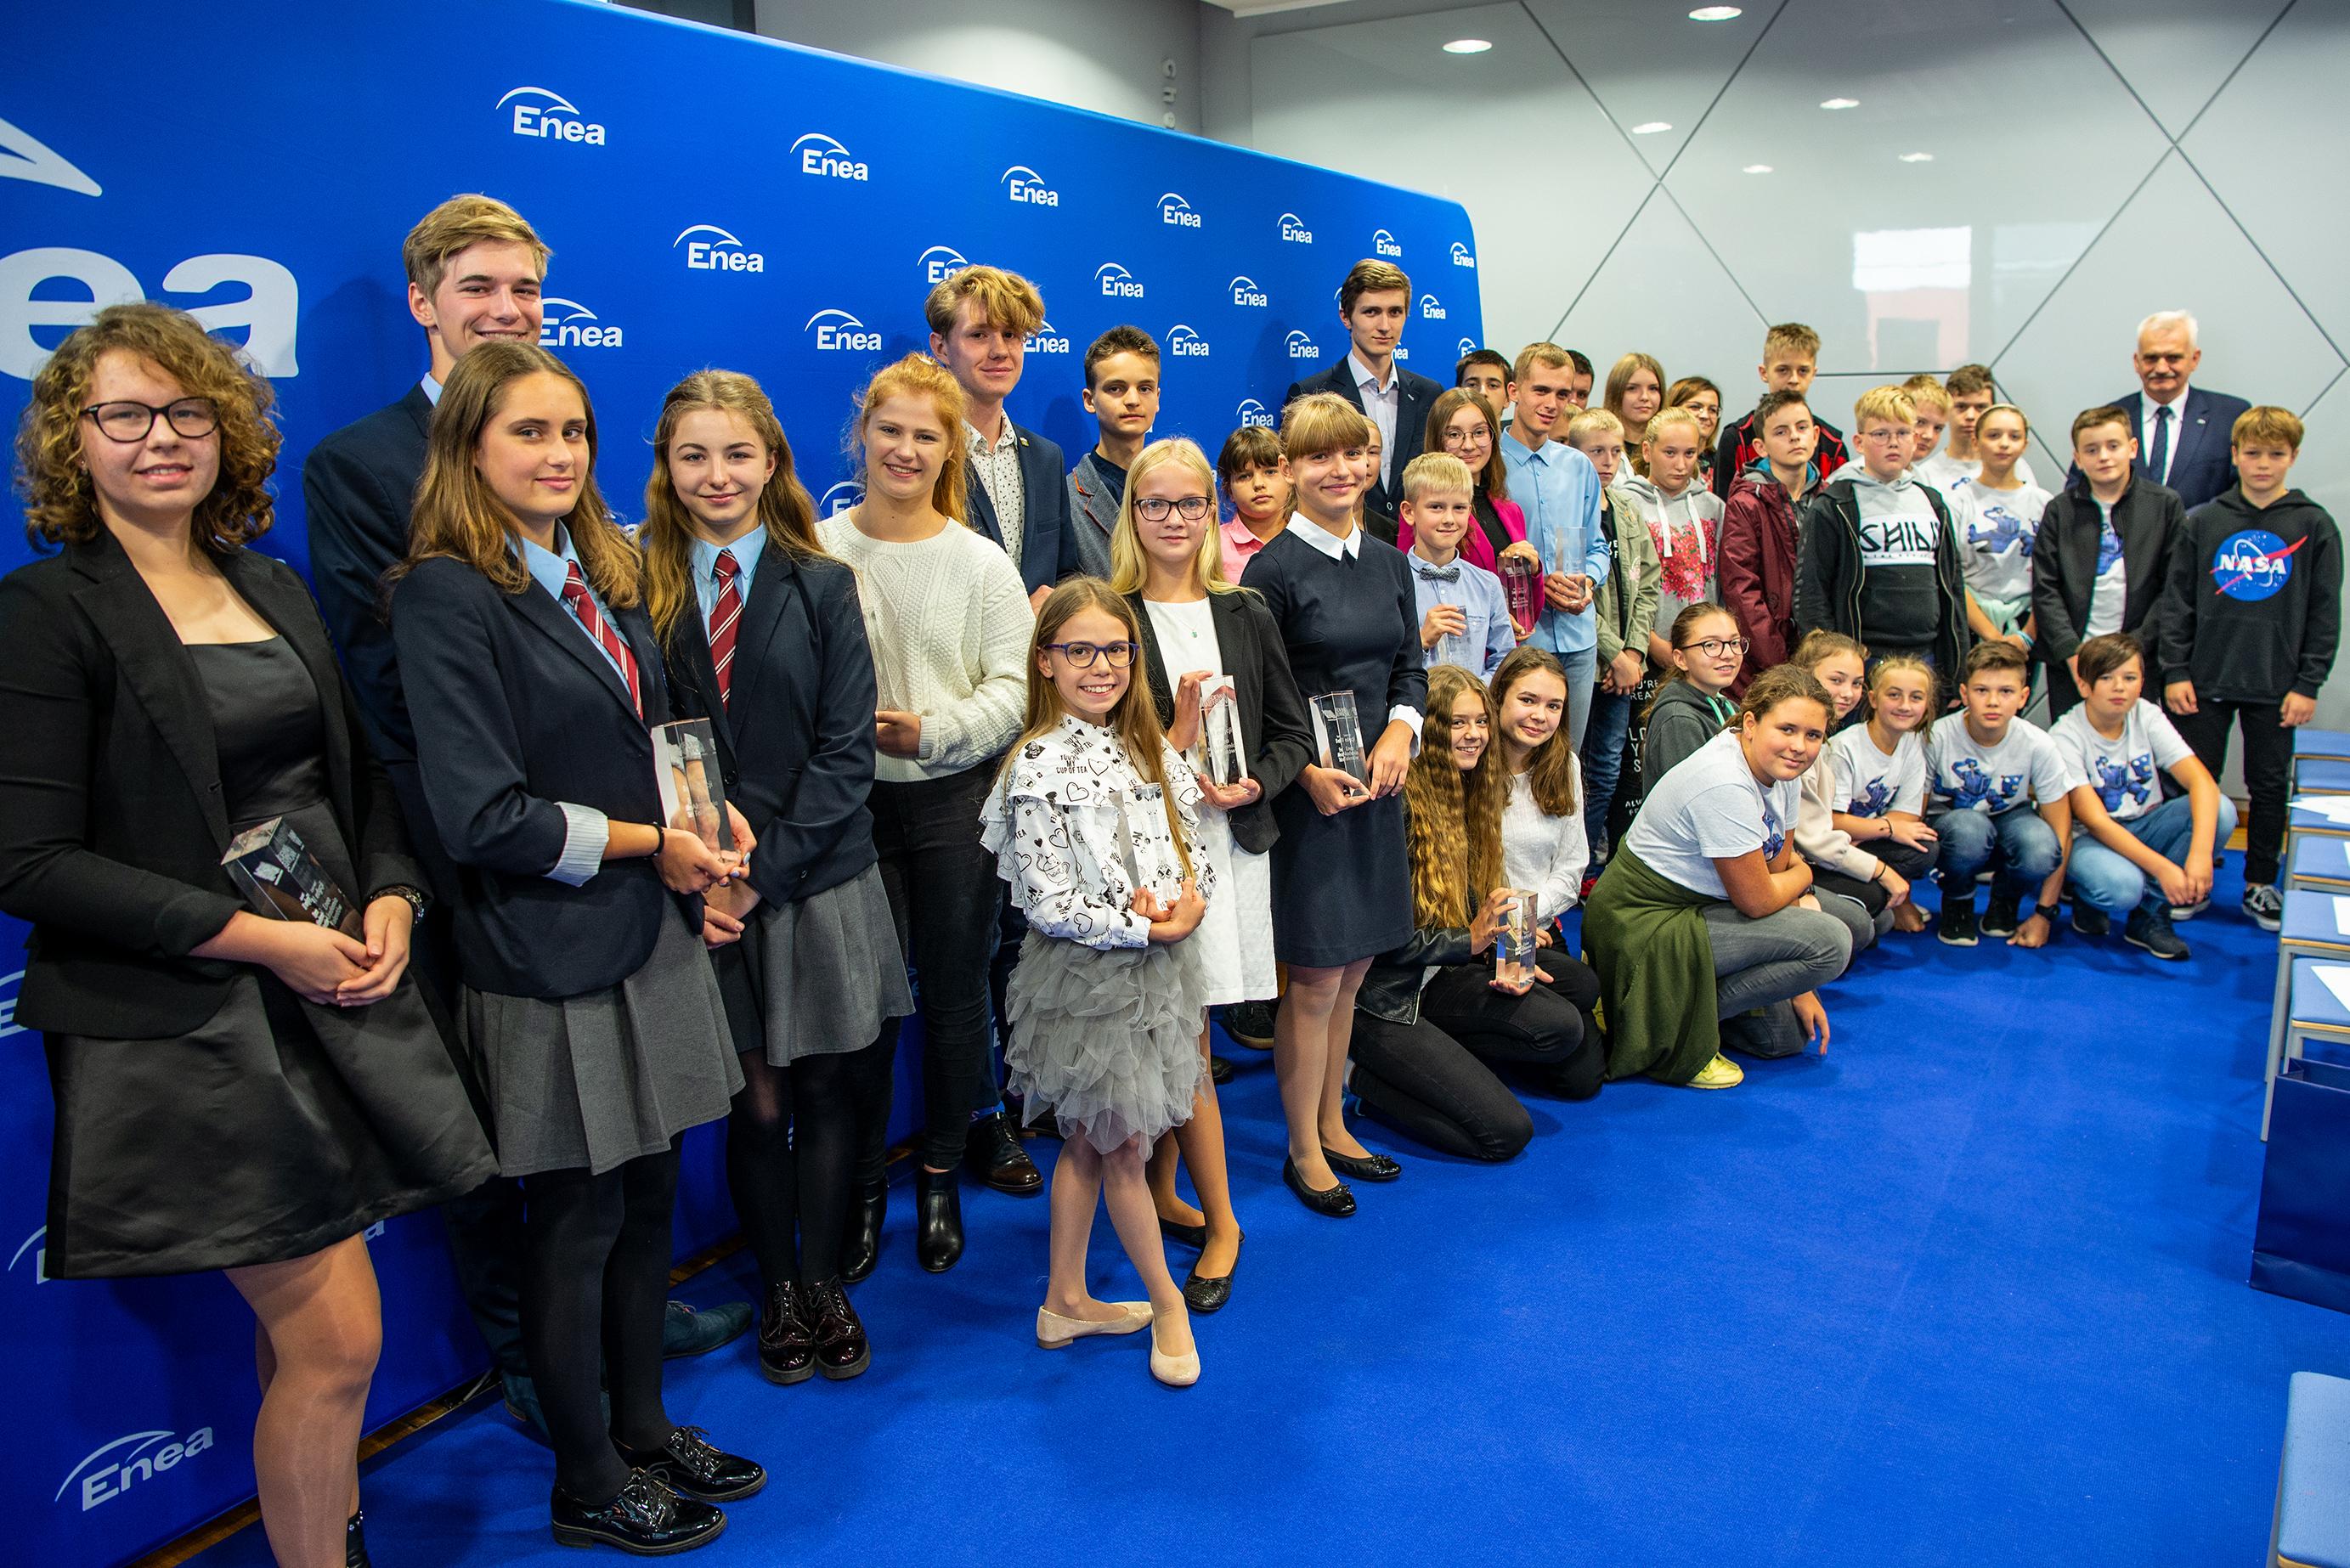 Spośród zgłoszeń jury wybierze maksymalnie 36 uczniów i 20 organizacji kwalifikujących się do drugiego etapu. (fot. Enea/materiały prasowe)